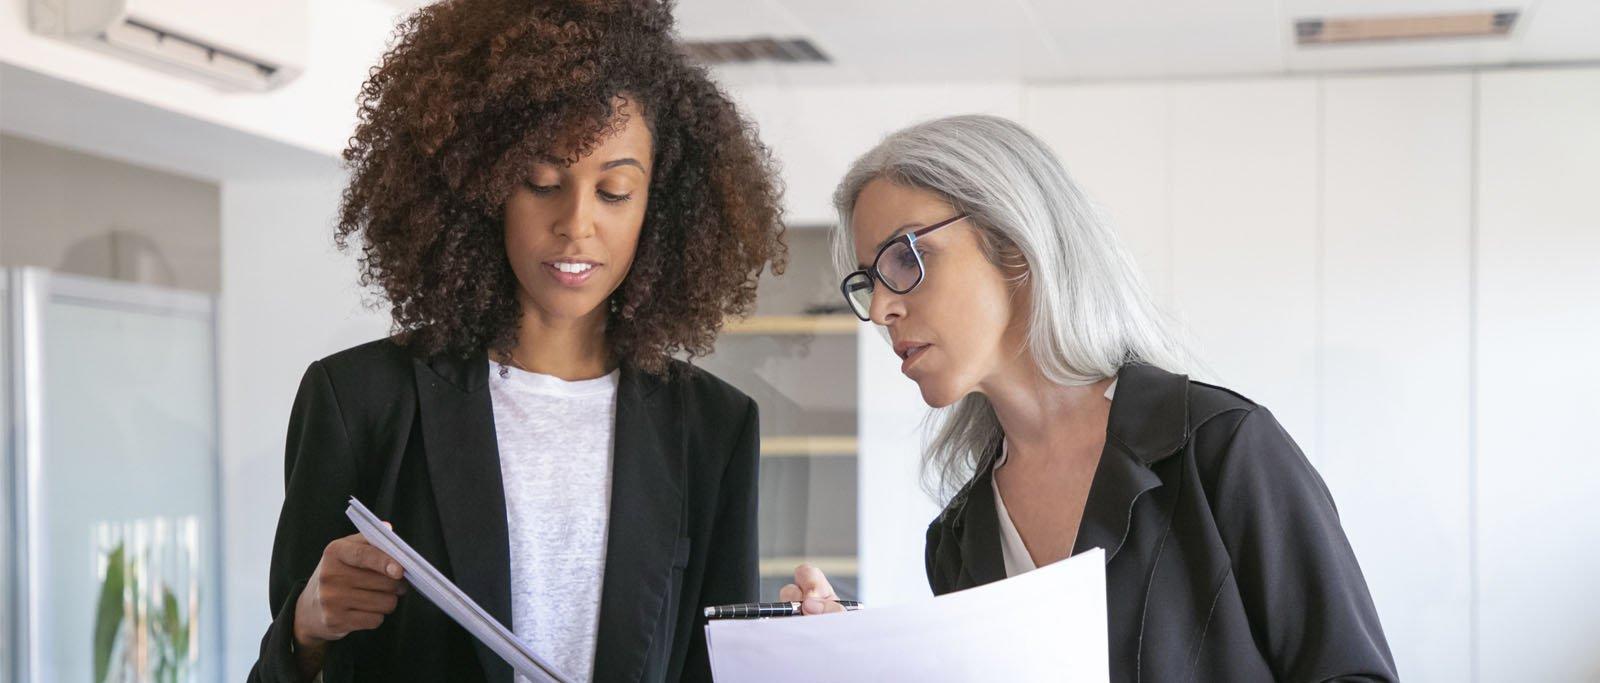 Terceirização de prospecção de clientes vale a pena? Conheça os benefícios para as empresas B2B!